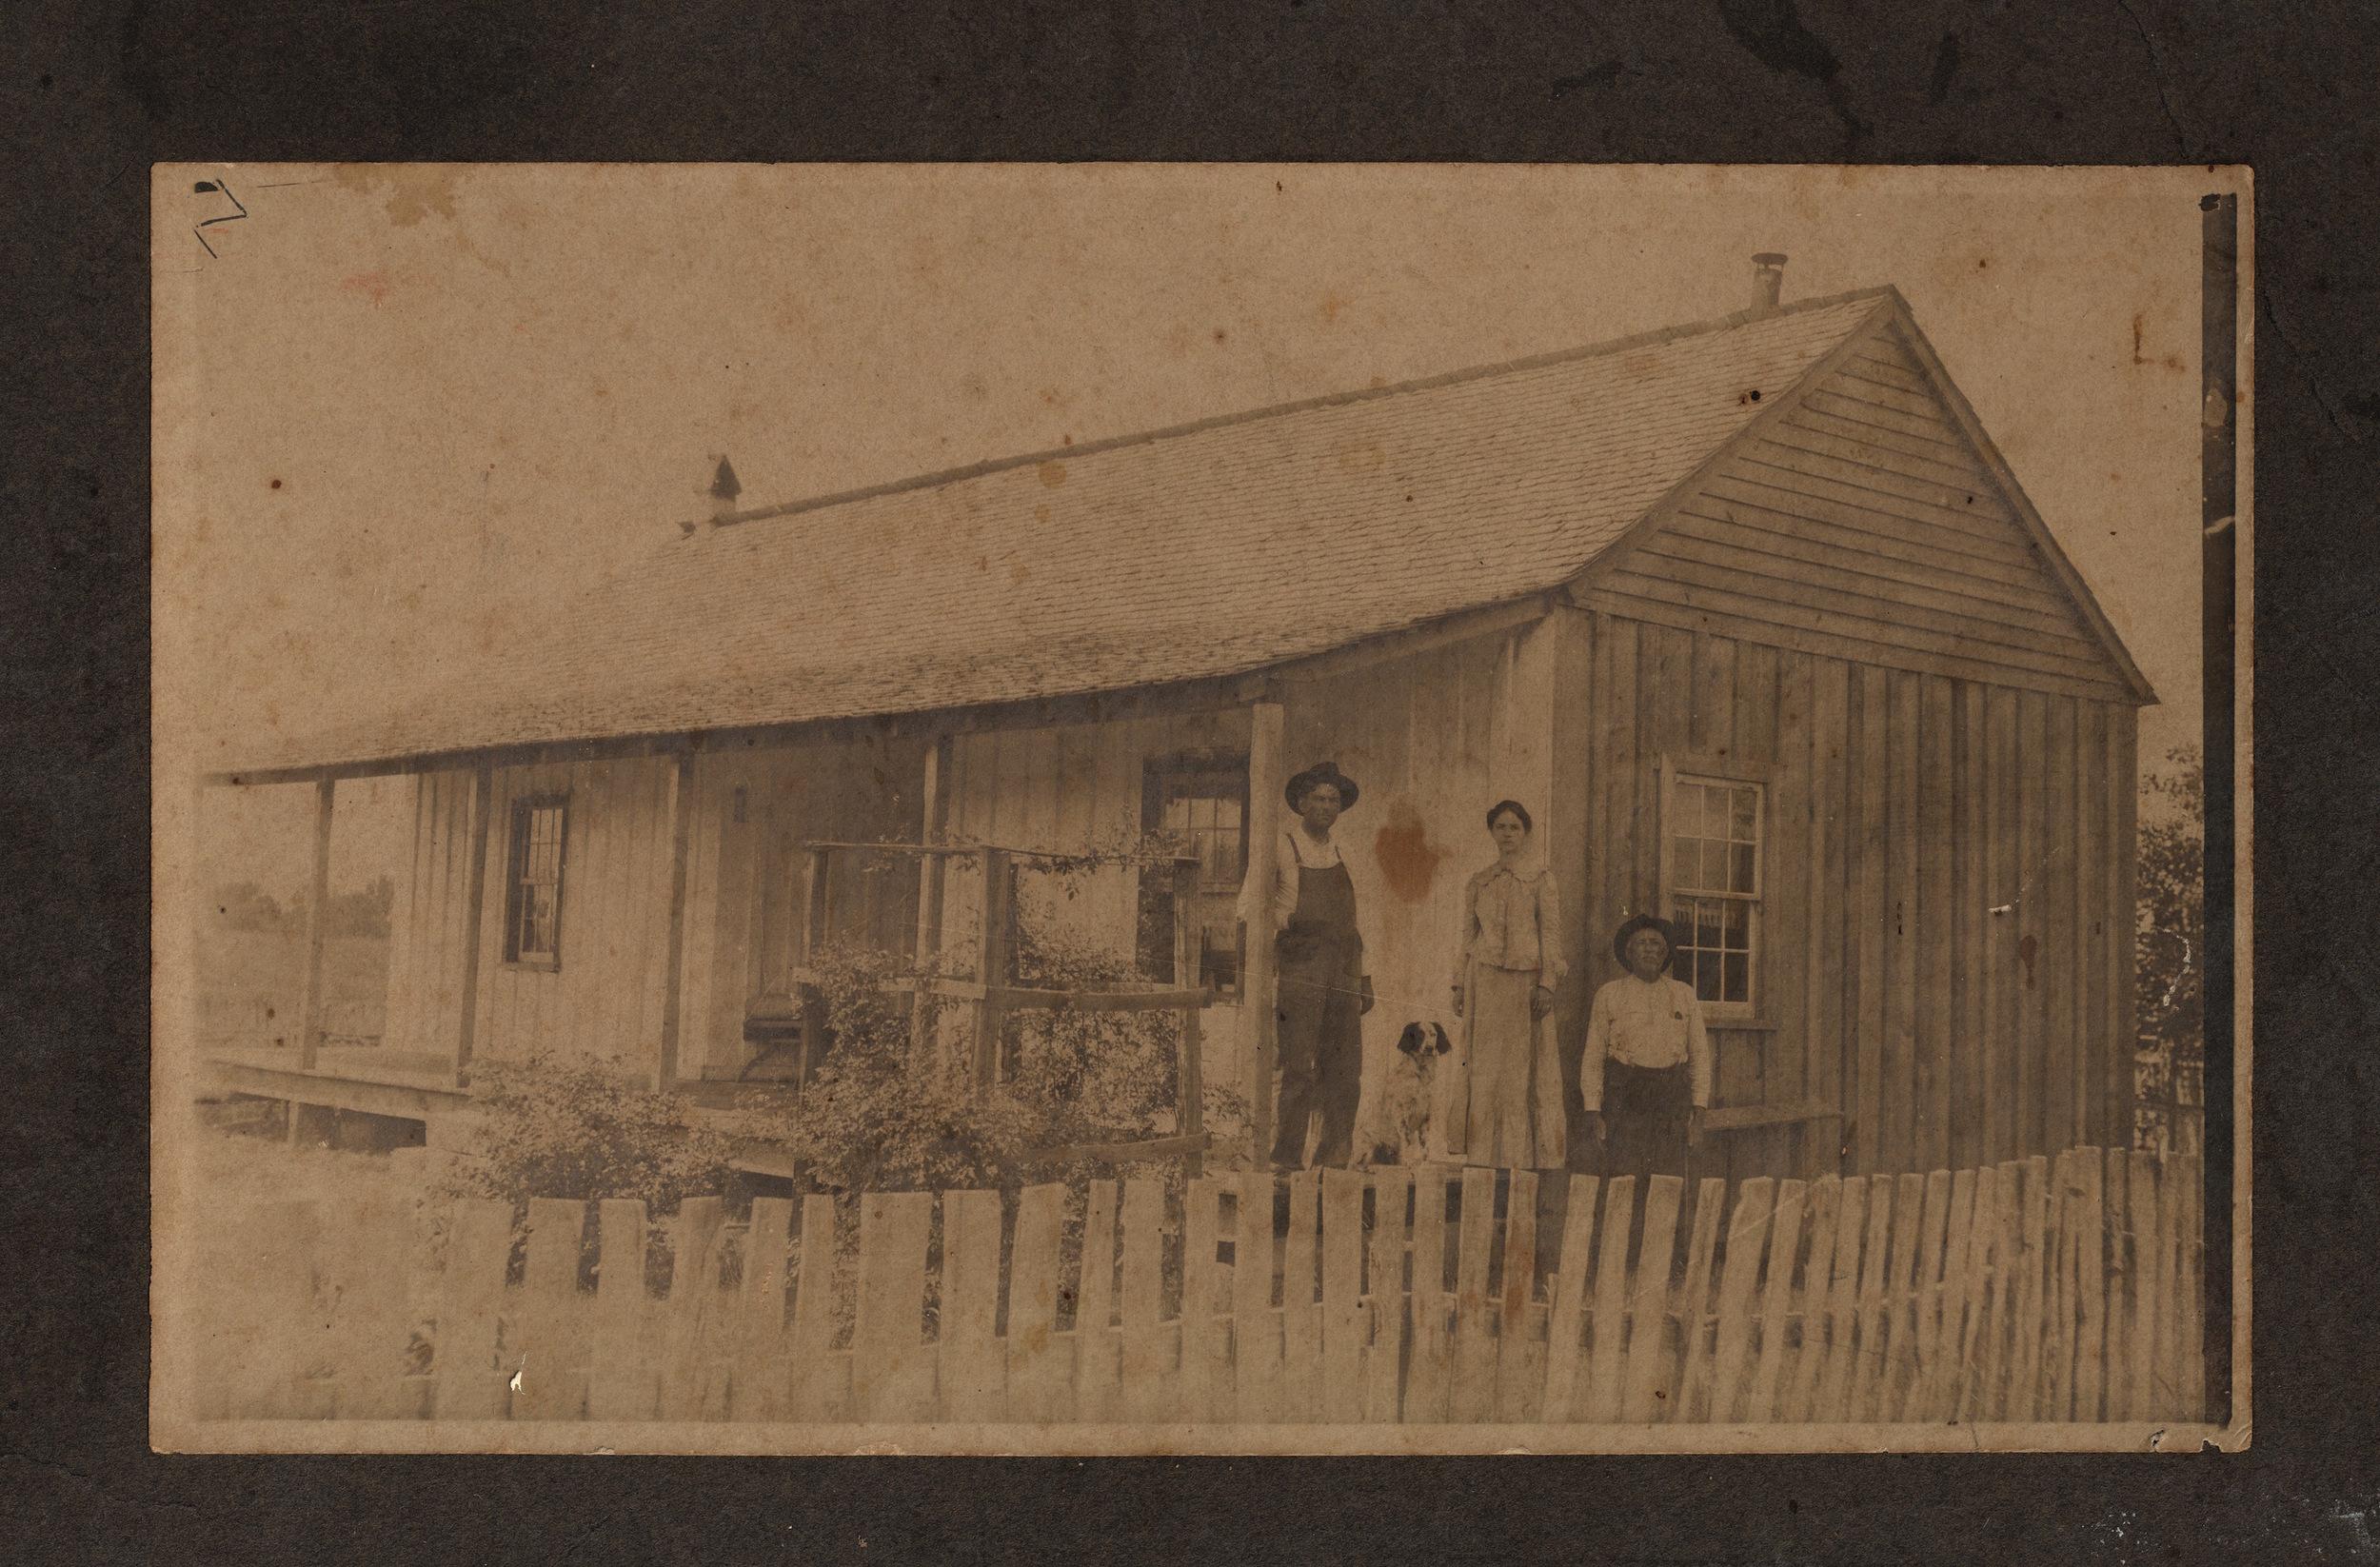 FARM HOUSE PHOTOGRAPH, circa 1900